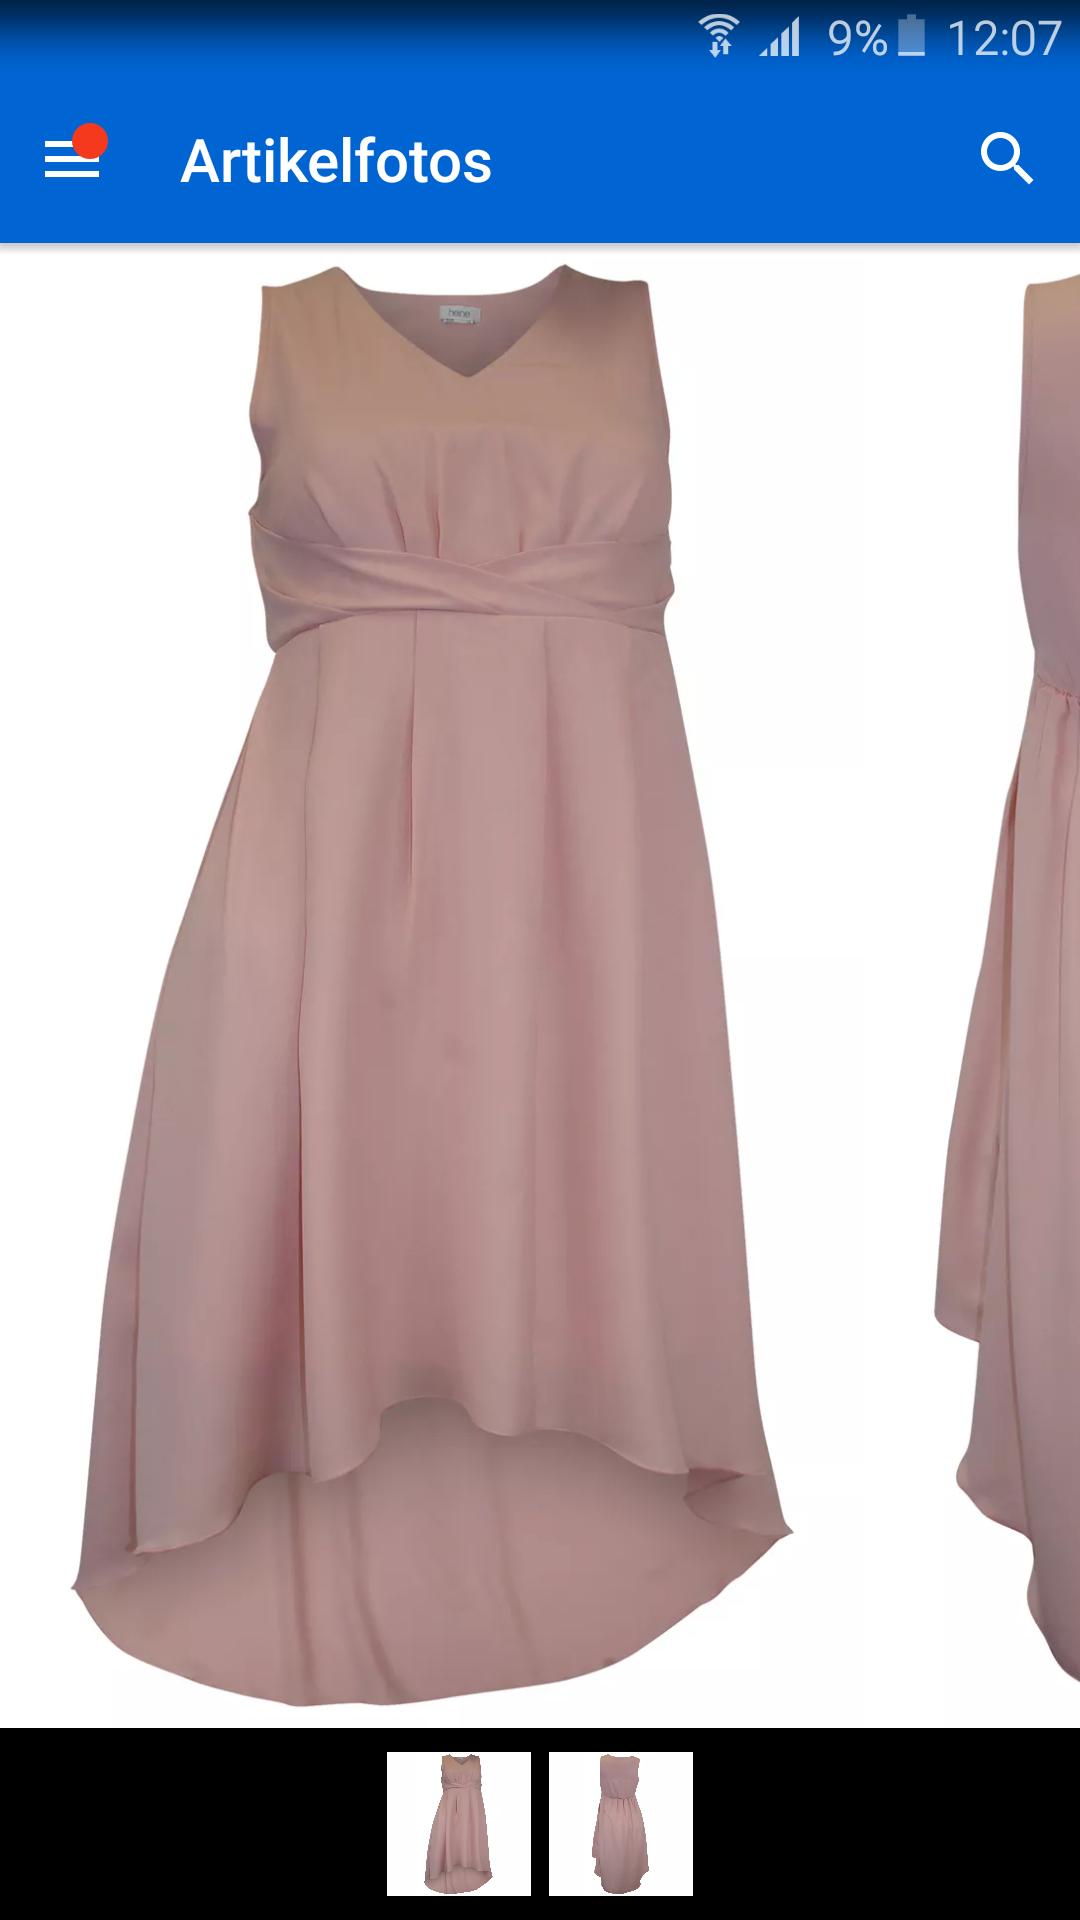 welche schuhe jacke tasche passt farblich zu diesem kleid anl sslich einer hochzeit rosa. Black Bedroom Furniture Sets. Home Design Ideas